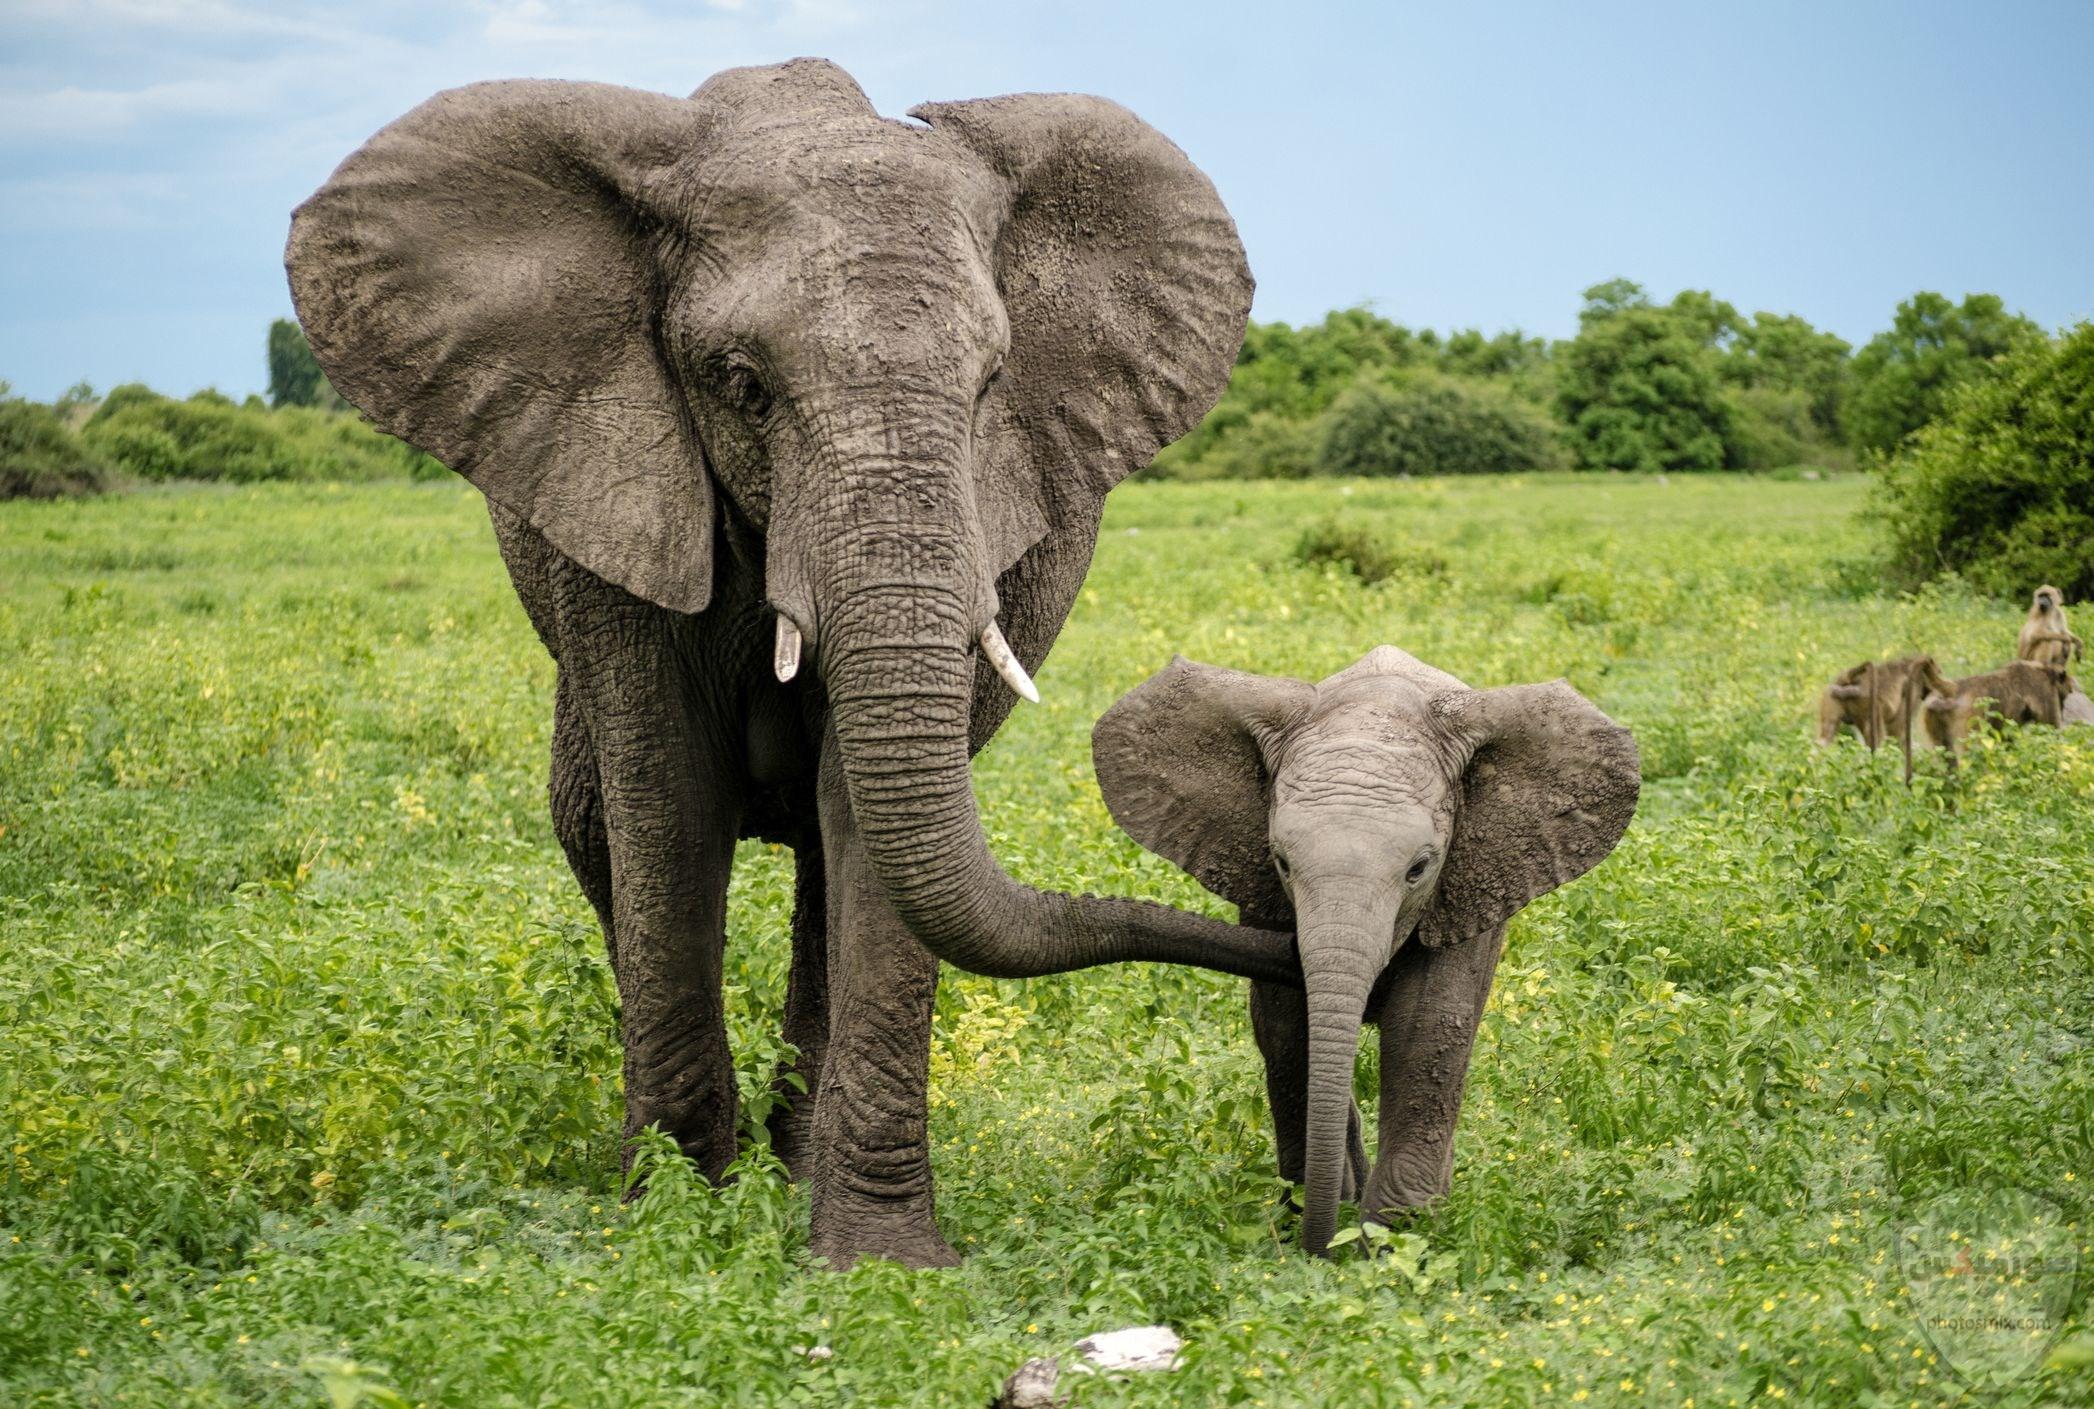 صور افيال أجمل صور فيل 2020 9